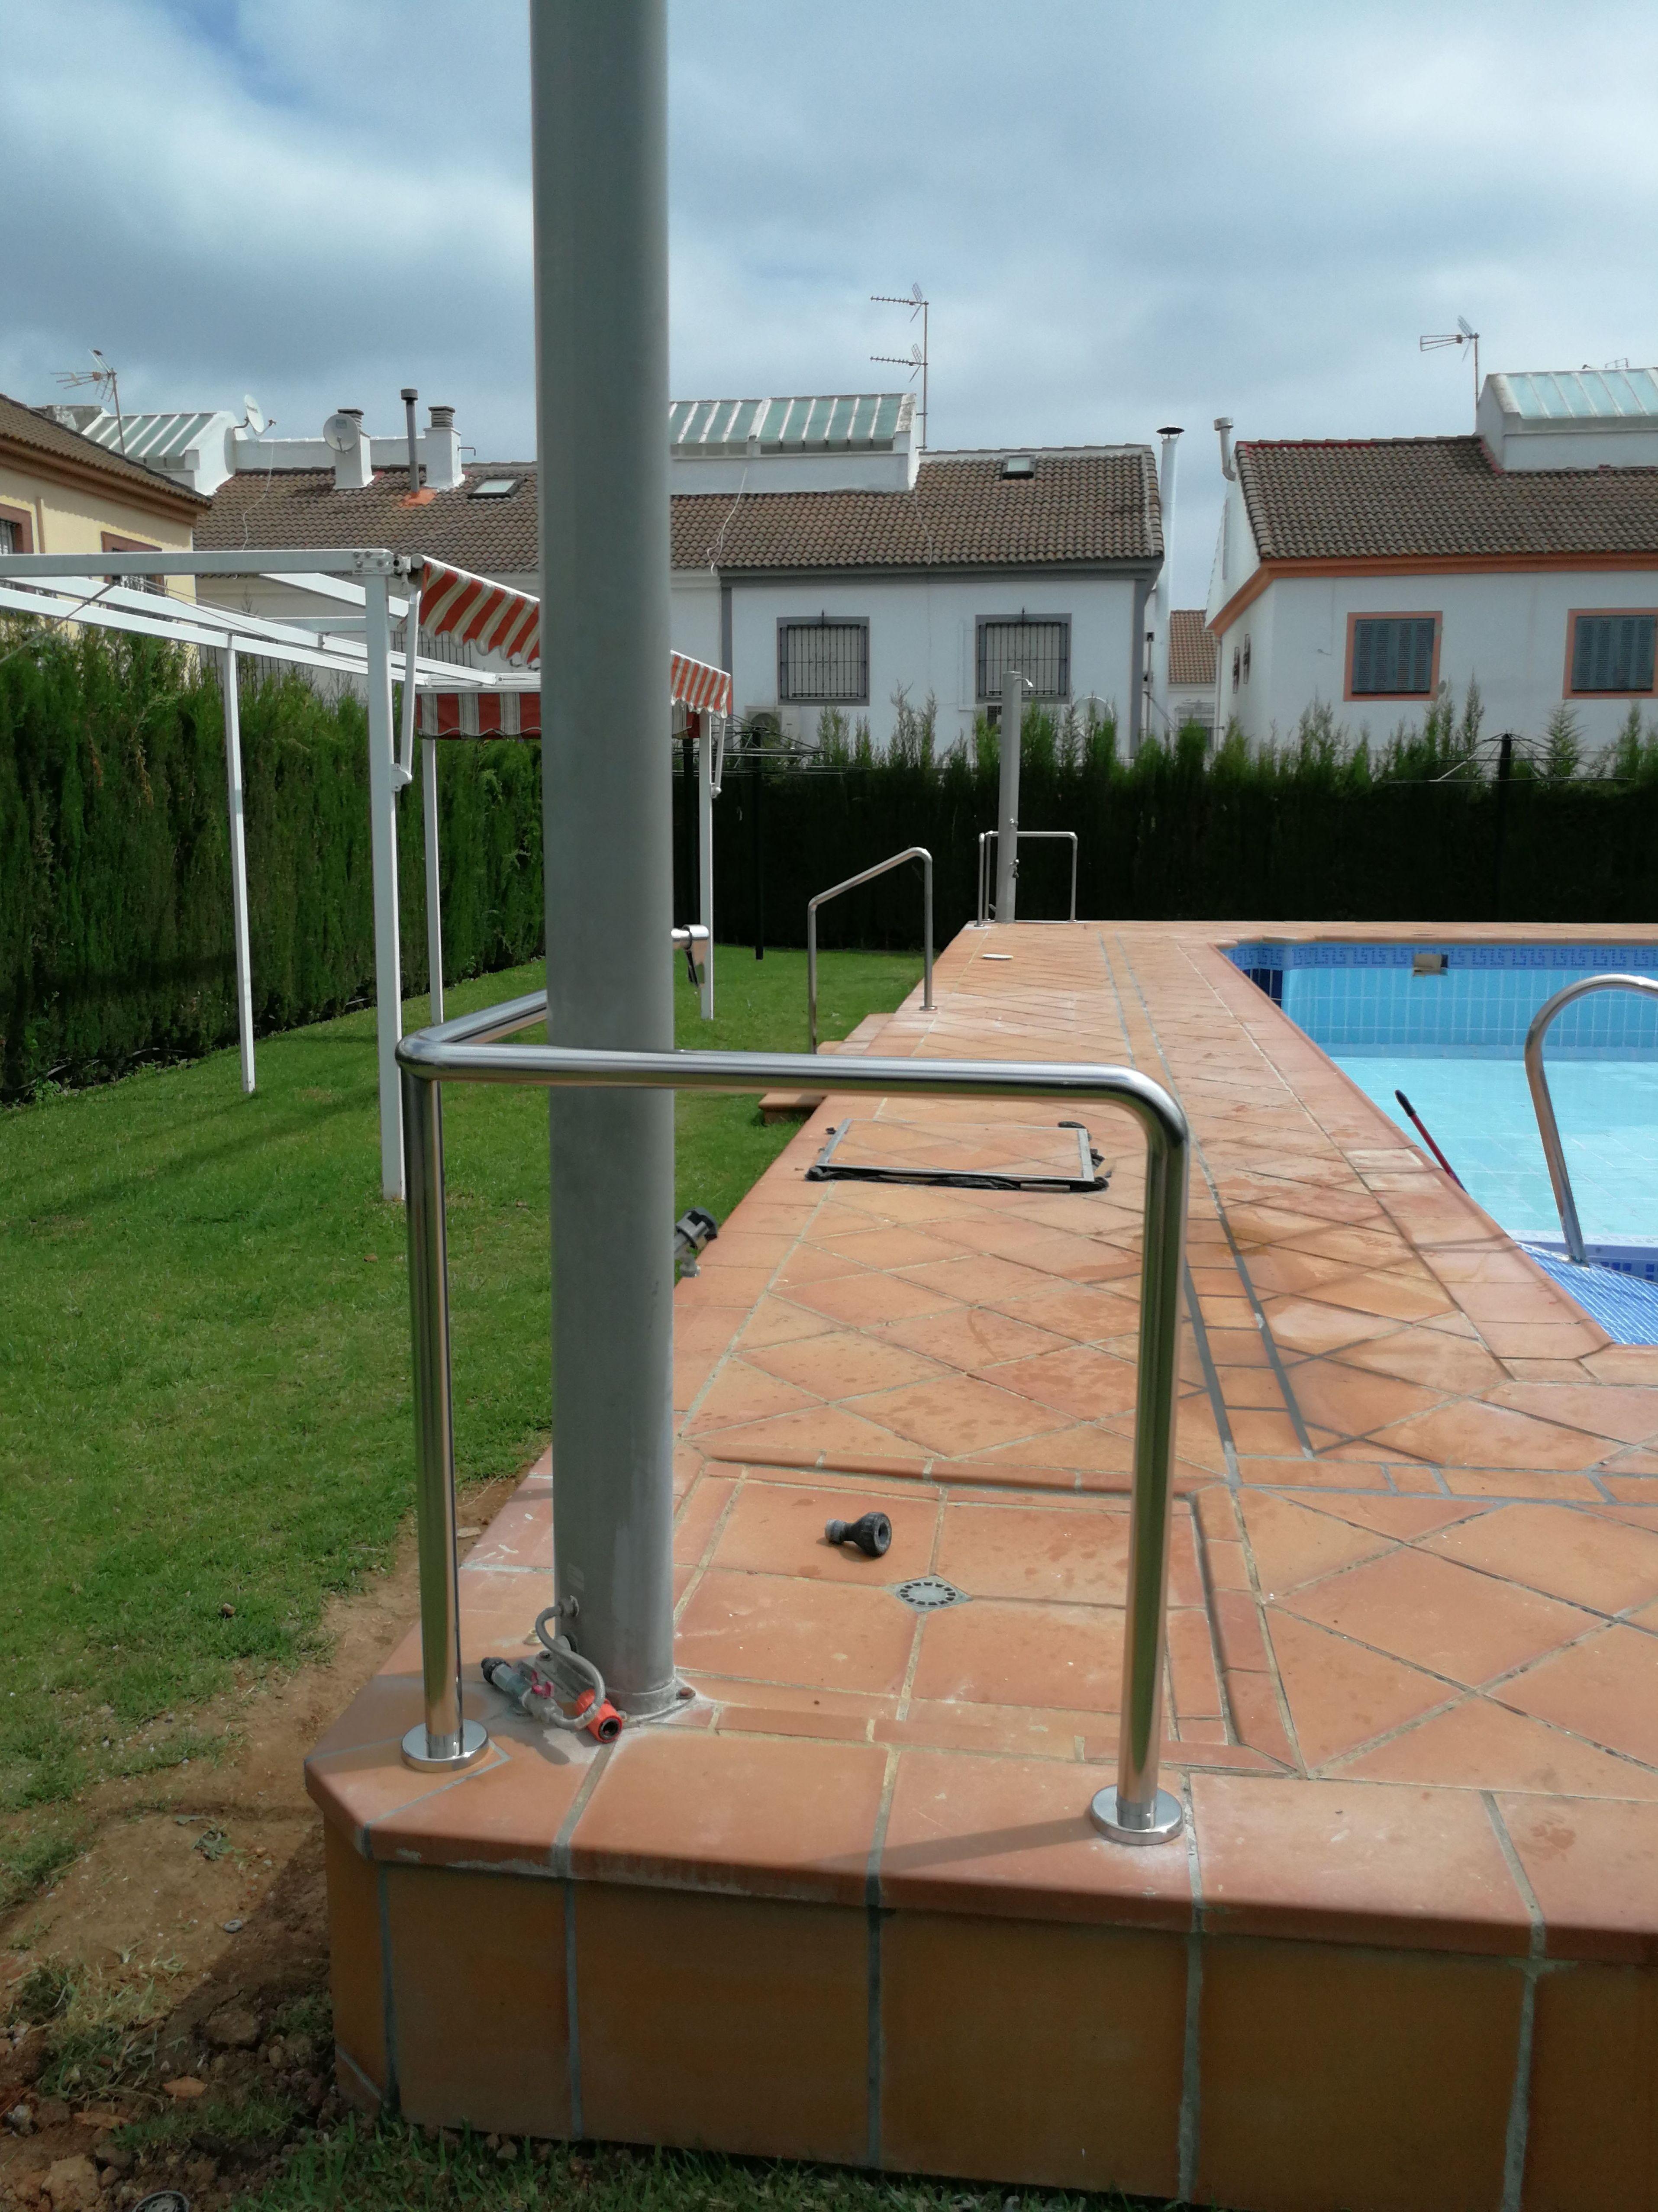 Foto 152 de Especialistas en diseños y proyectos en acero inoxidable en Alcalá de Guadaíra | Icminox